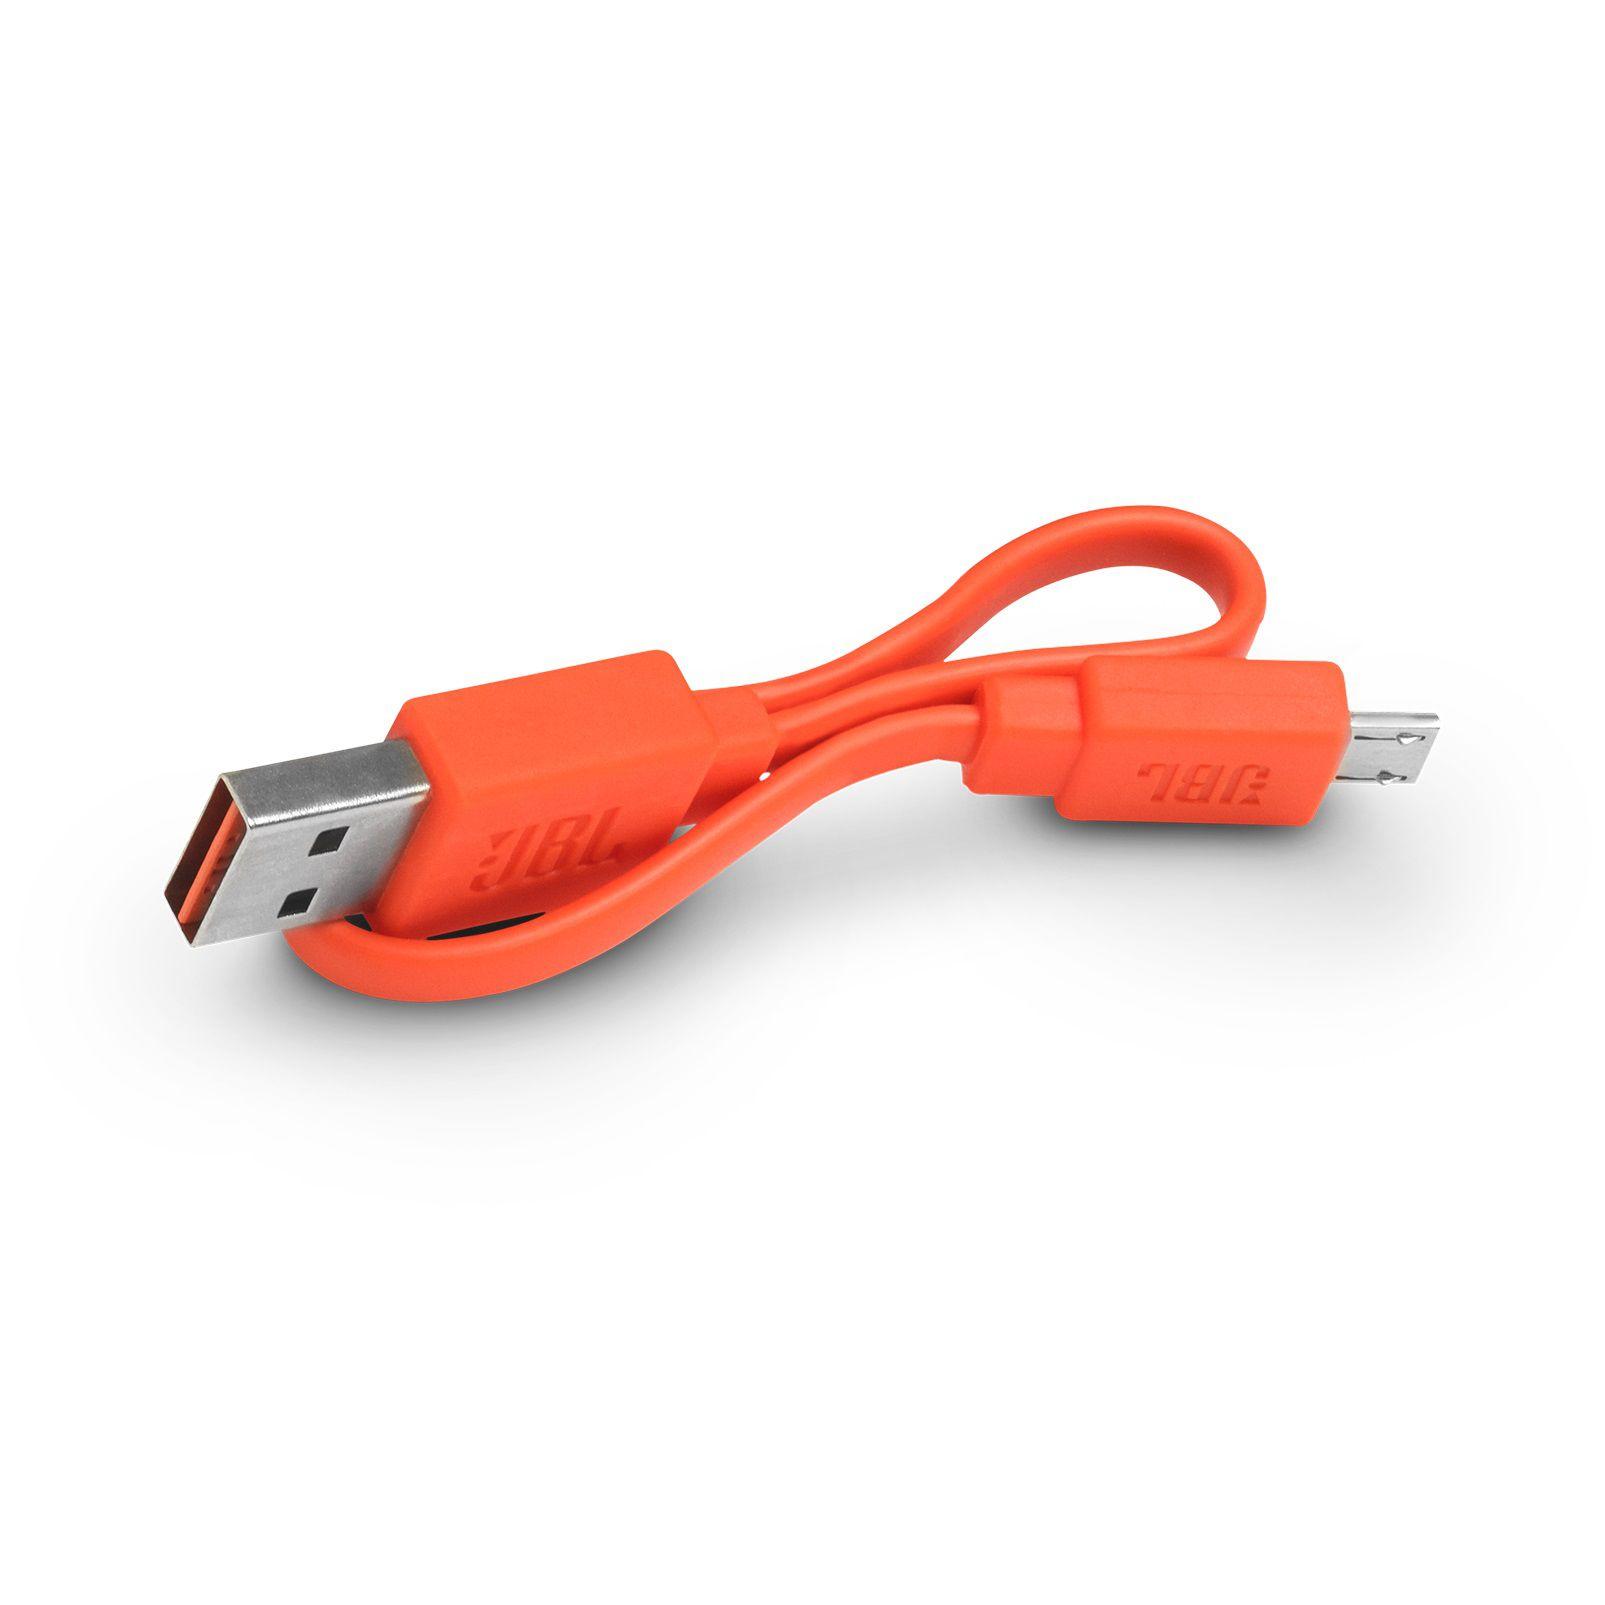 Caixa De Som Jbl Clip3 Portátil Bluetooth Blk